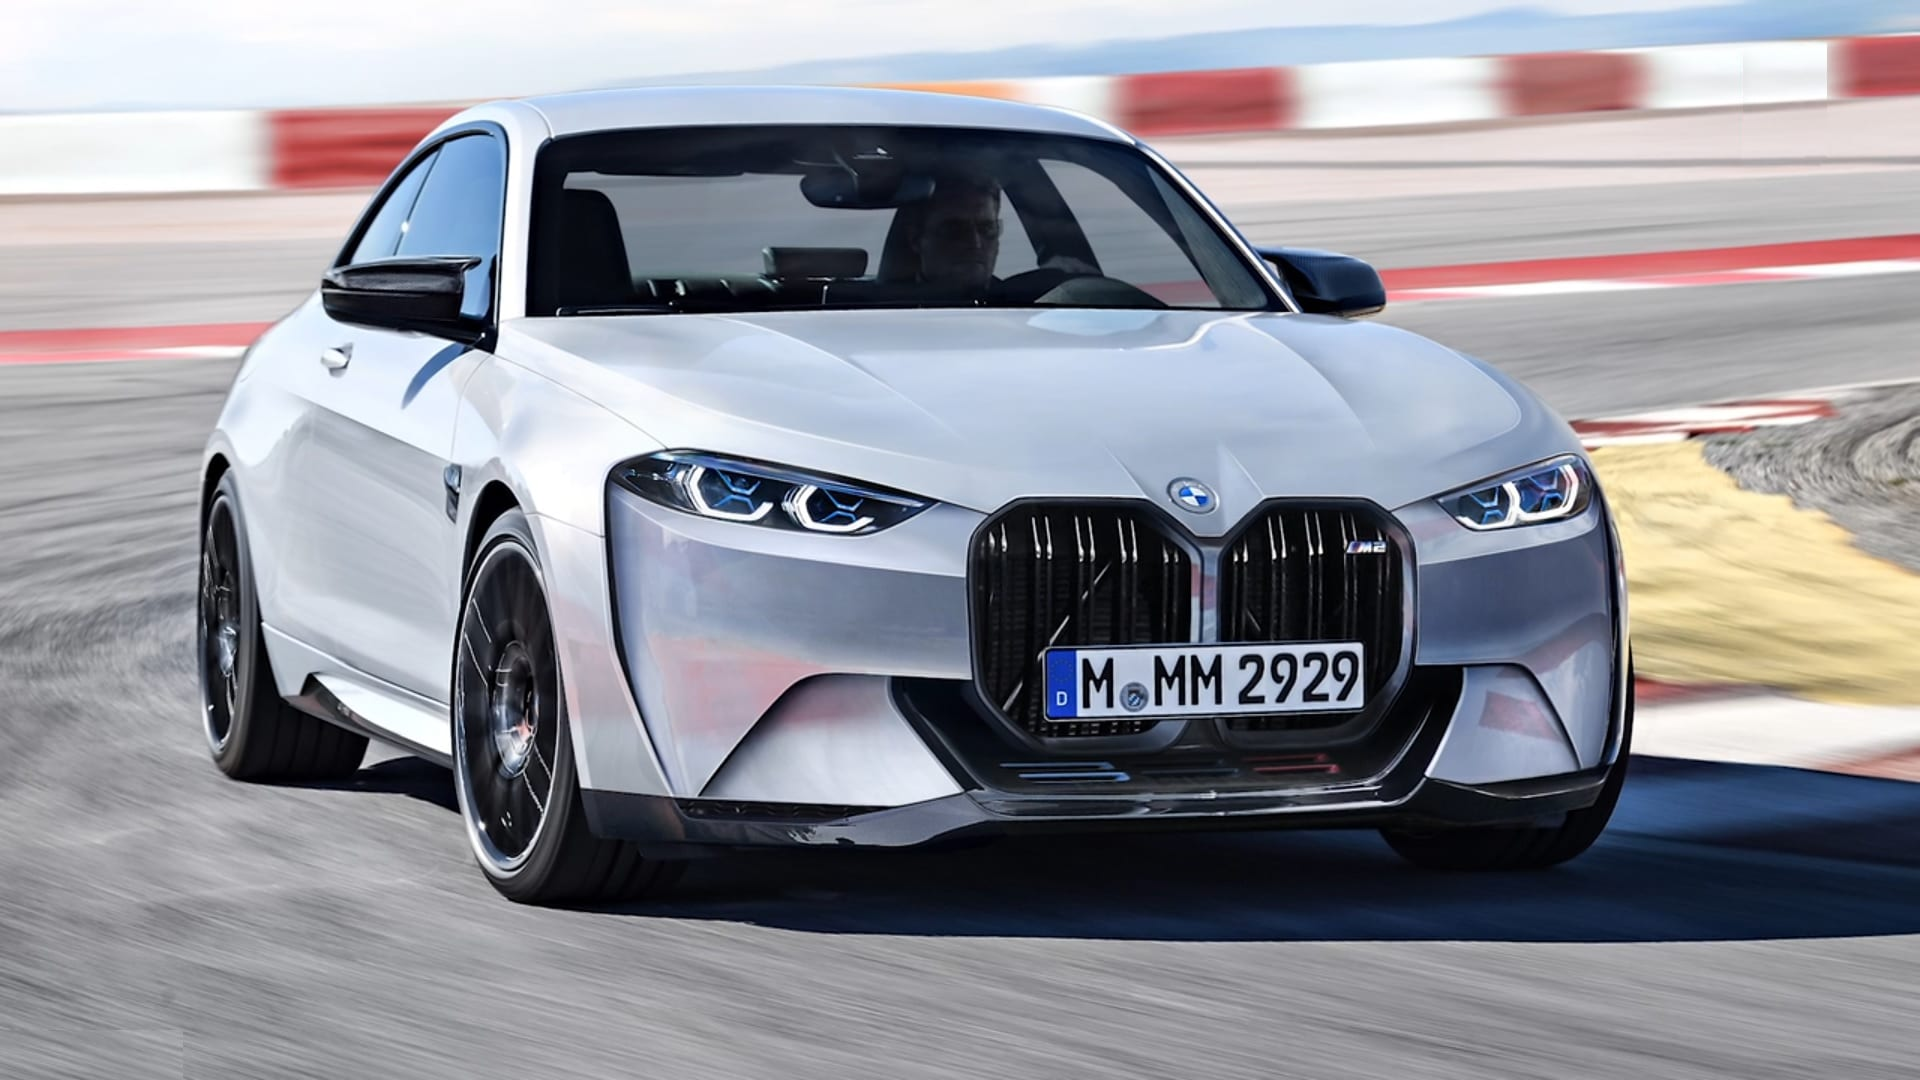 Nuova Bmw M2 2022 Prime Info E Foto Del Nuovo Modello Motori News